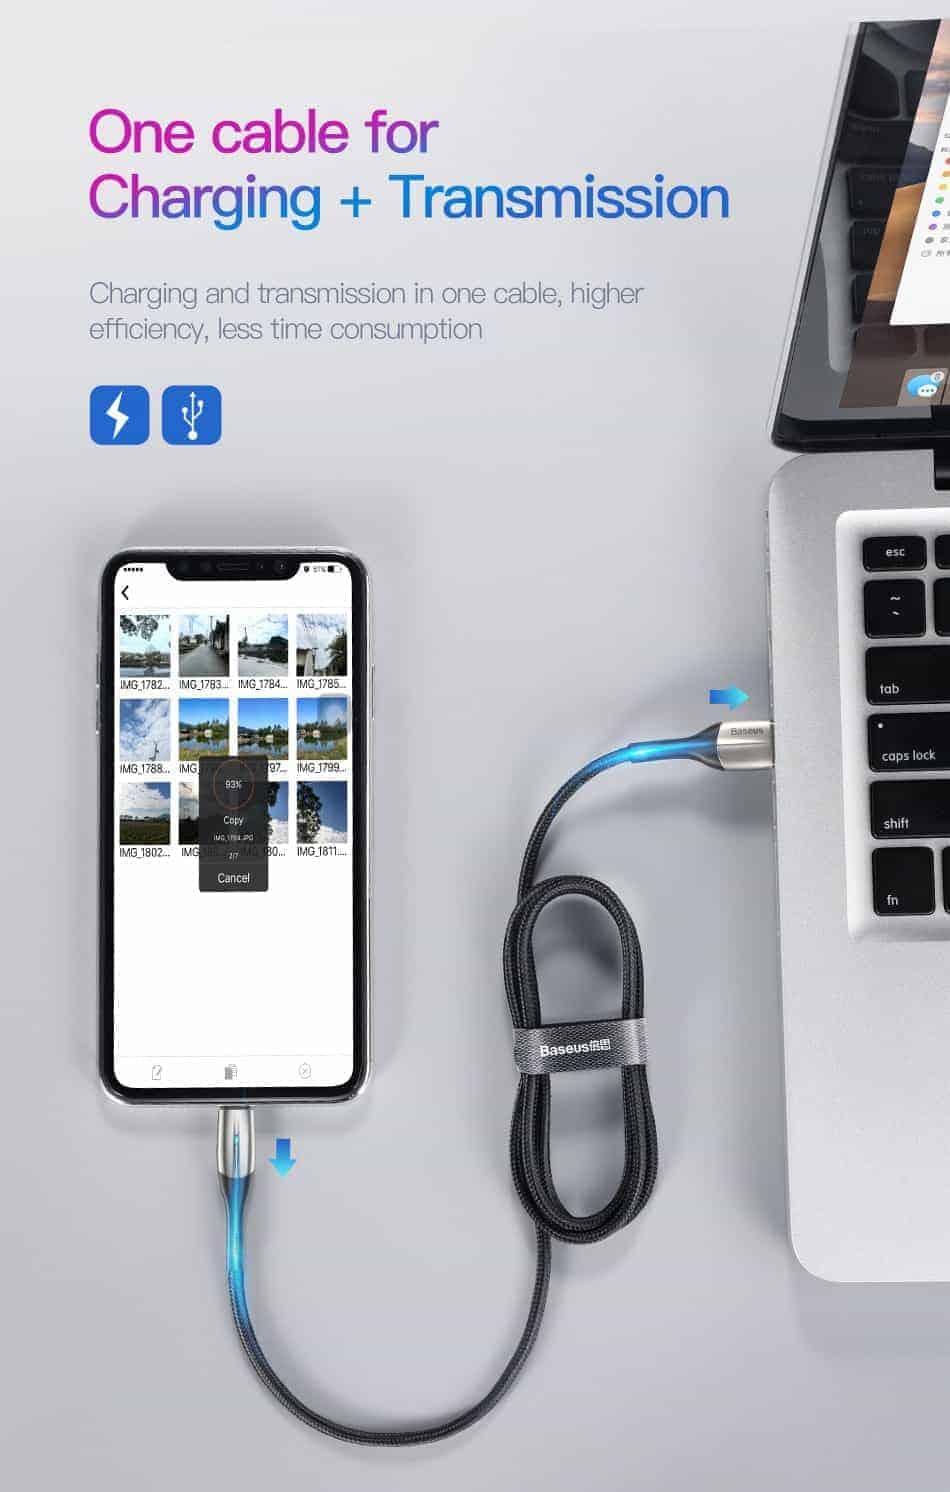 Cáp sạc Baseus dài 2m hỗ trợ sạc nhanh, đèn báo tín hiệu cho iPhone 5/6/7/8/X/Xs 1.5A